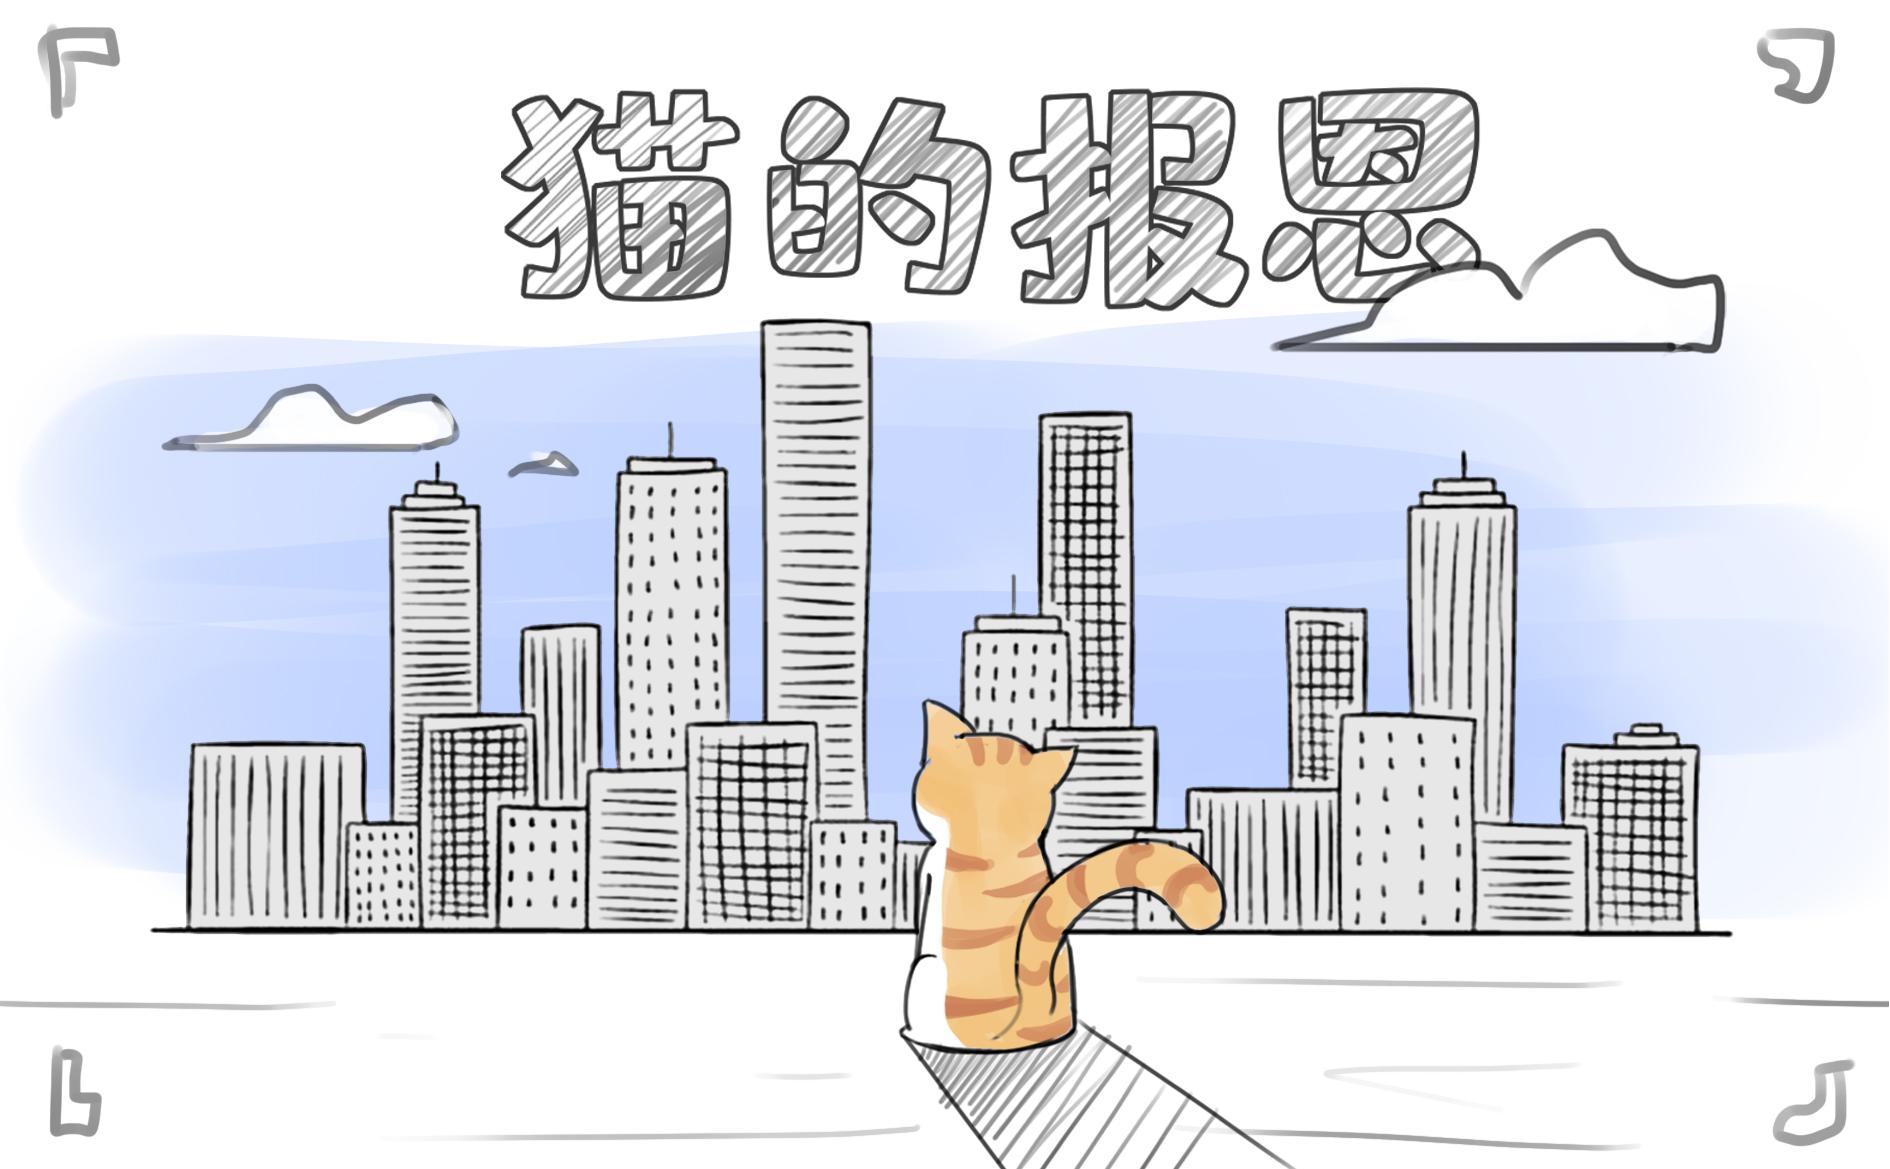 《猫的报恩》剧本杀故事背景_角色简介_凶手是谁_复盘解析